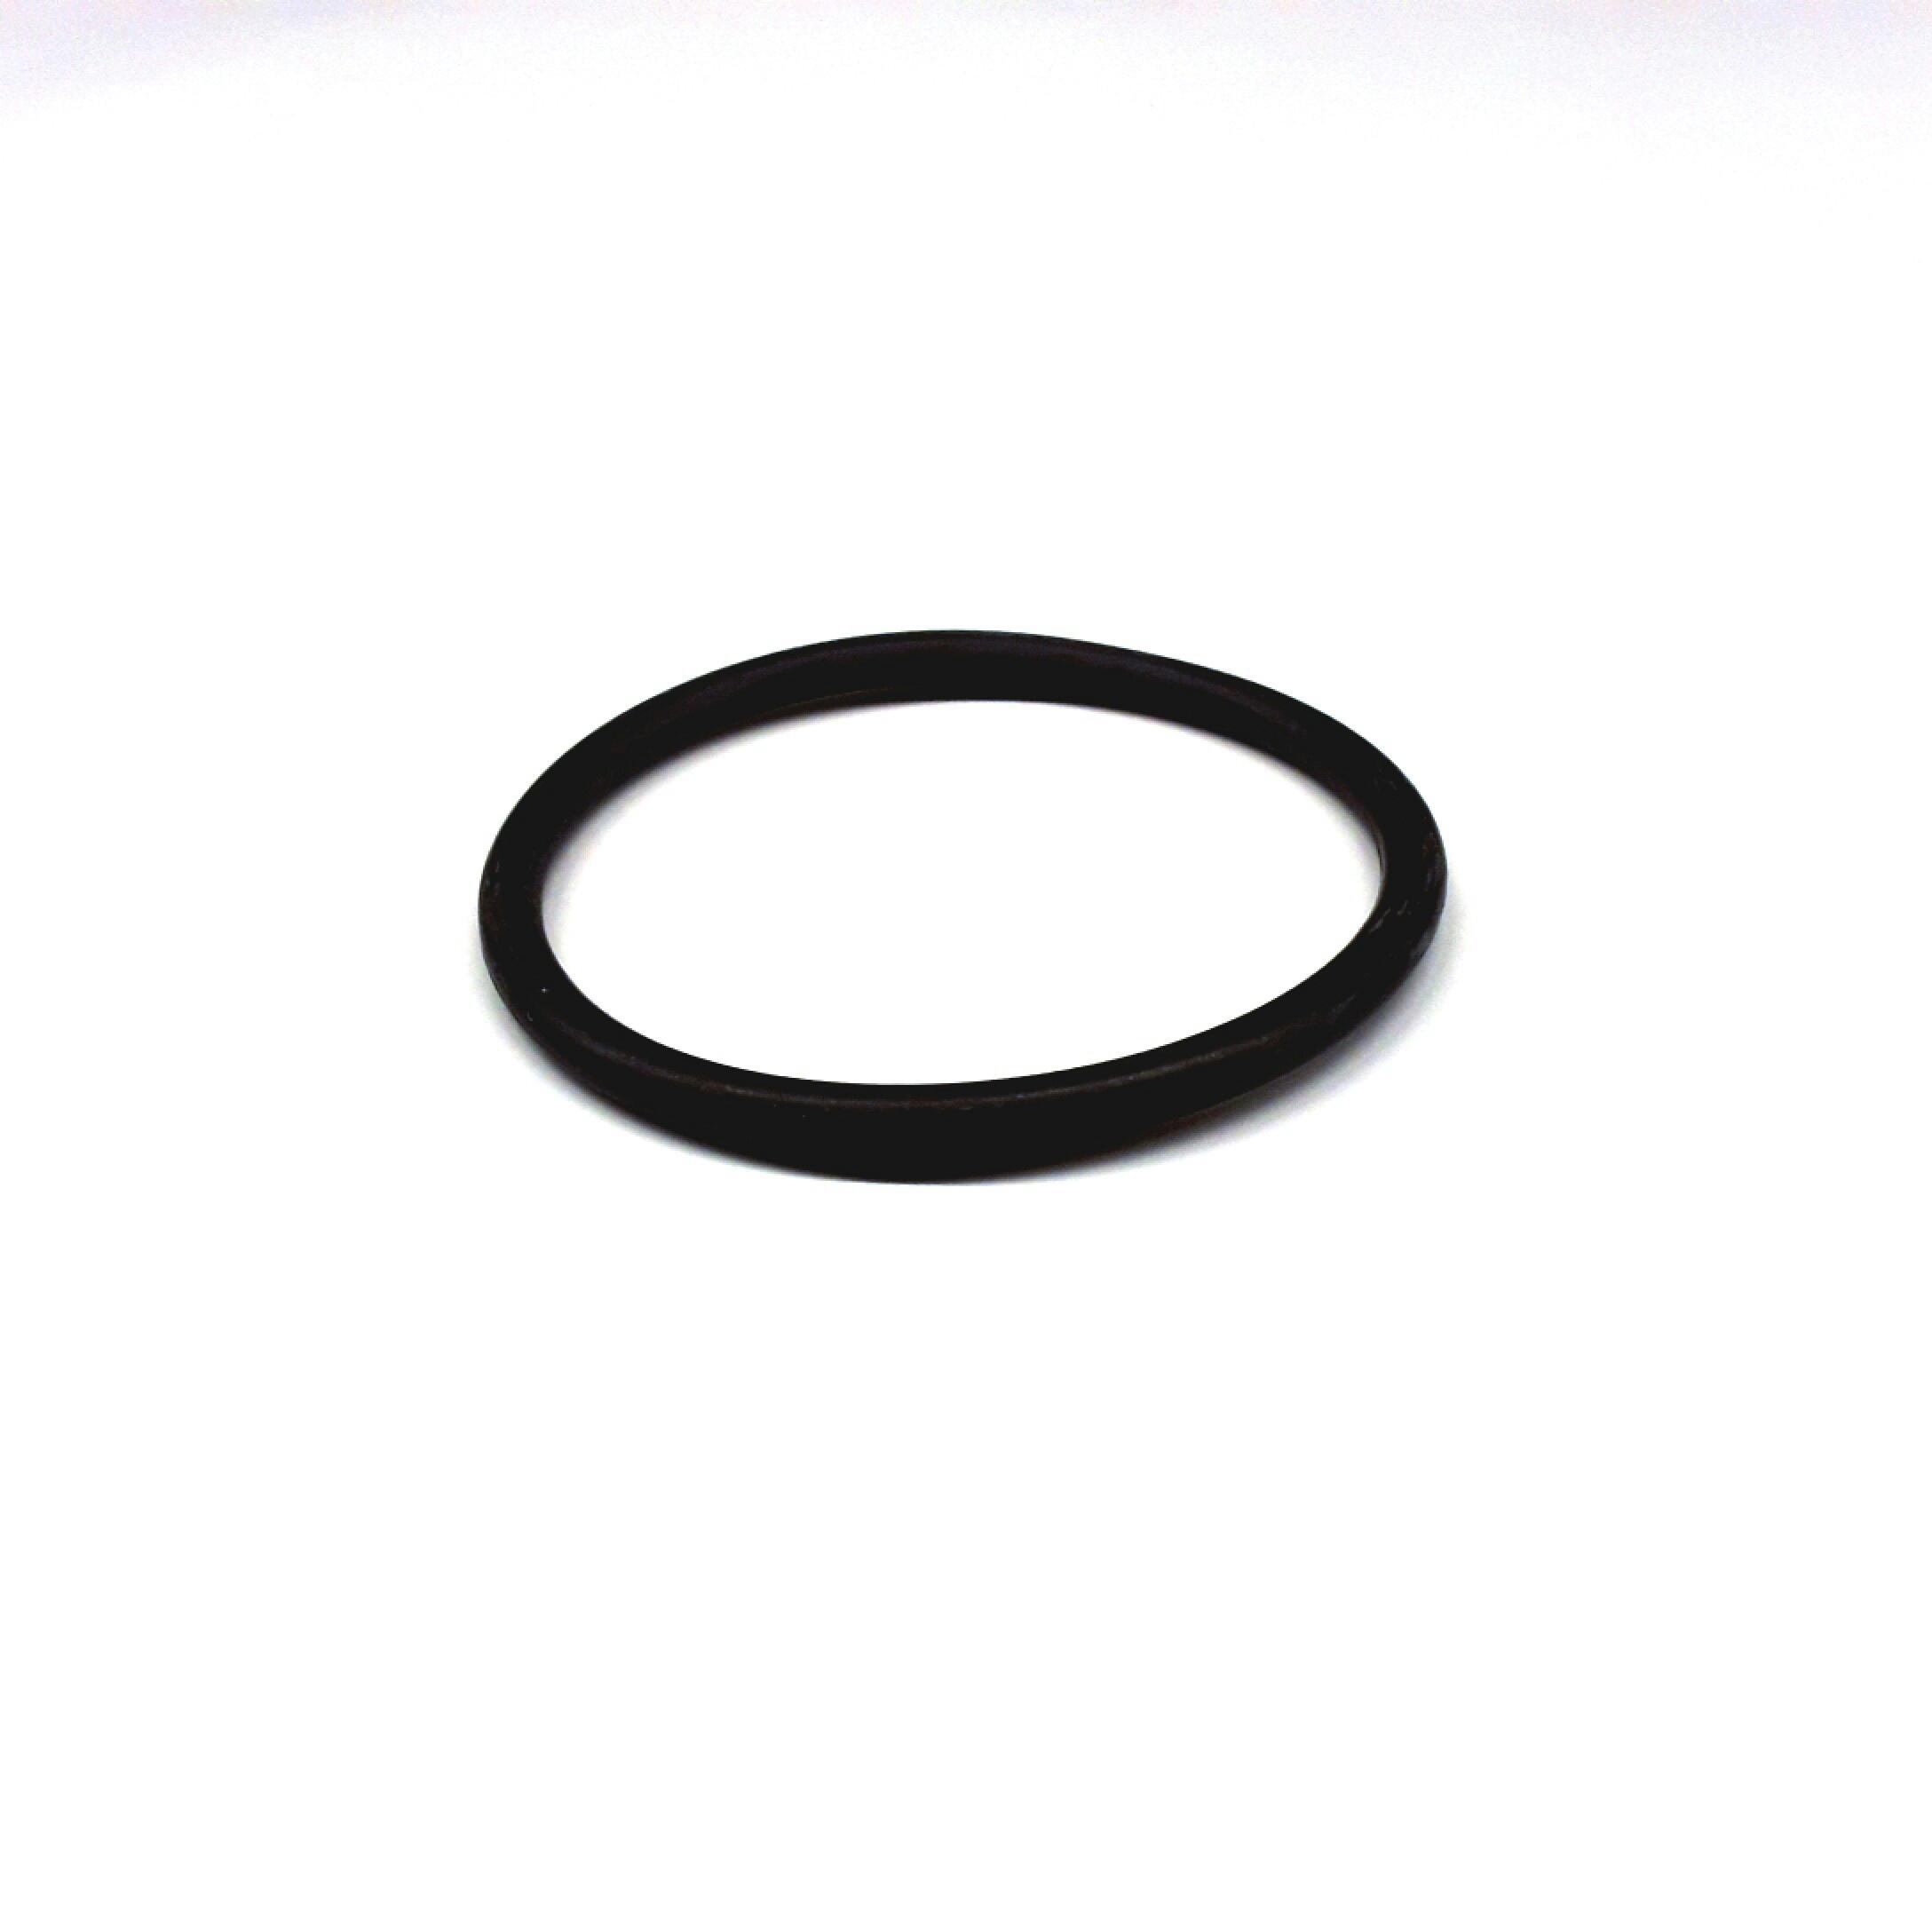 06a121119 Audi Seal Ring Sealing Washer Audi Pump